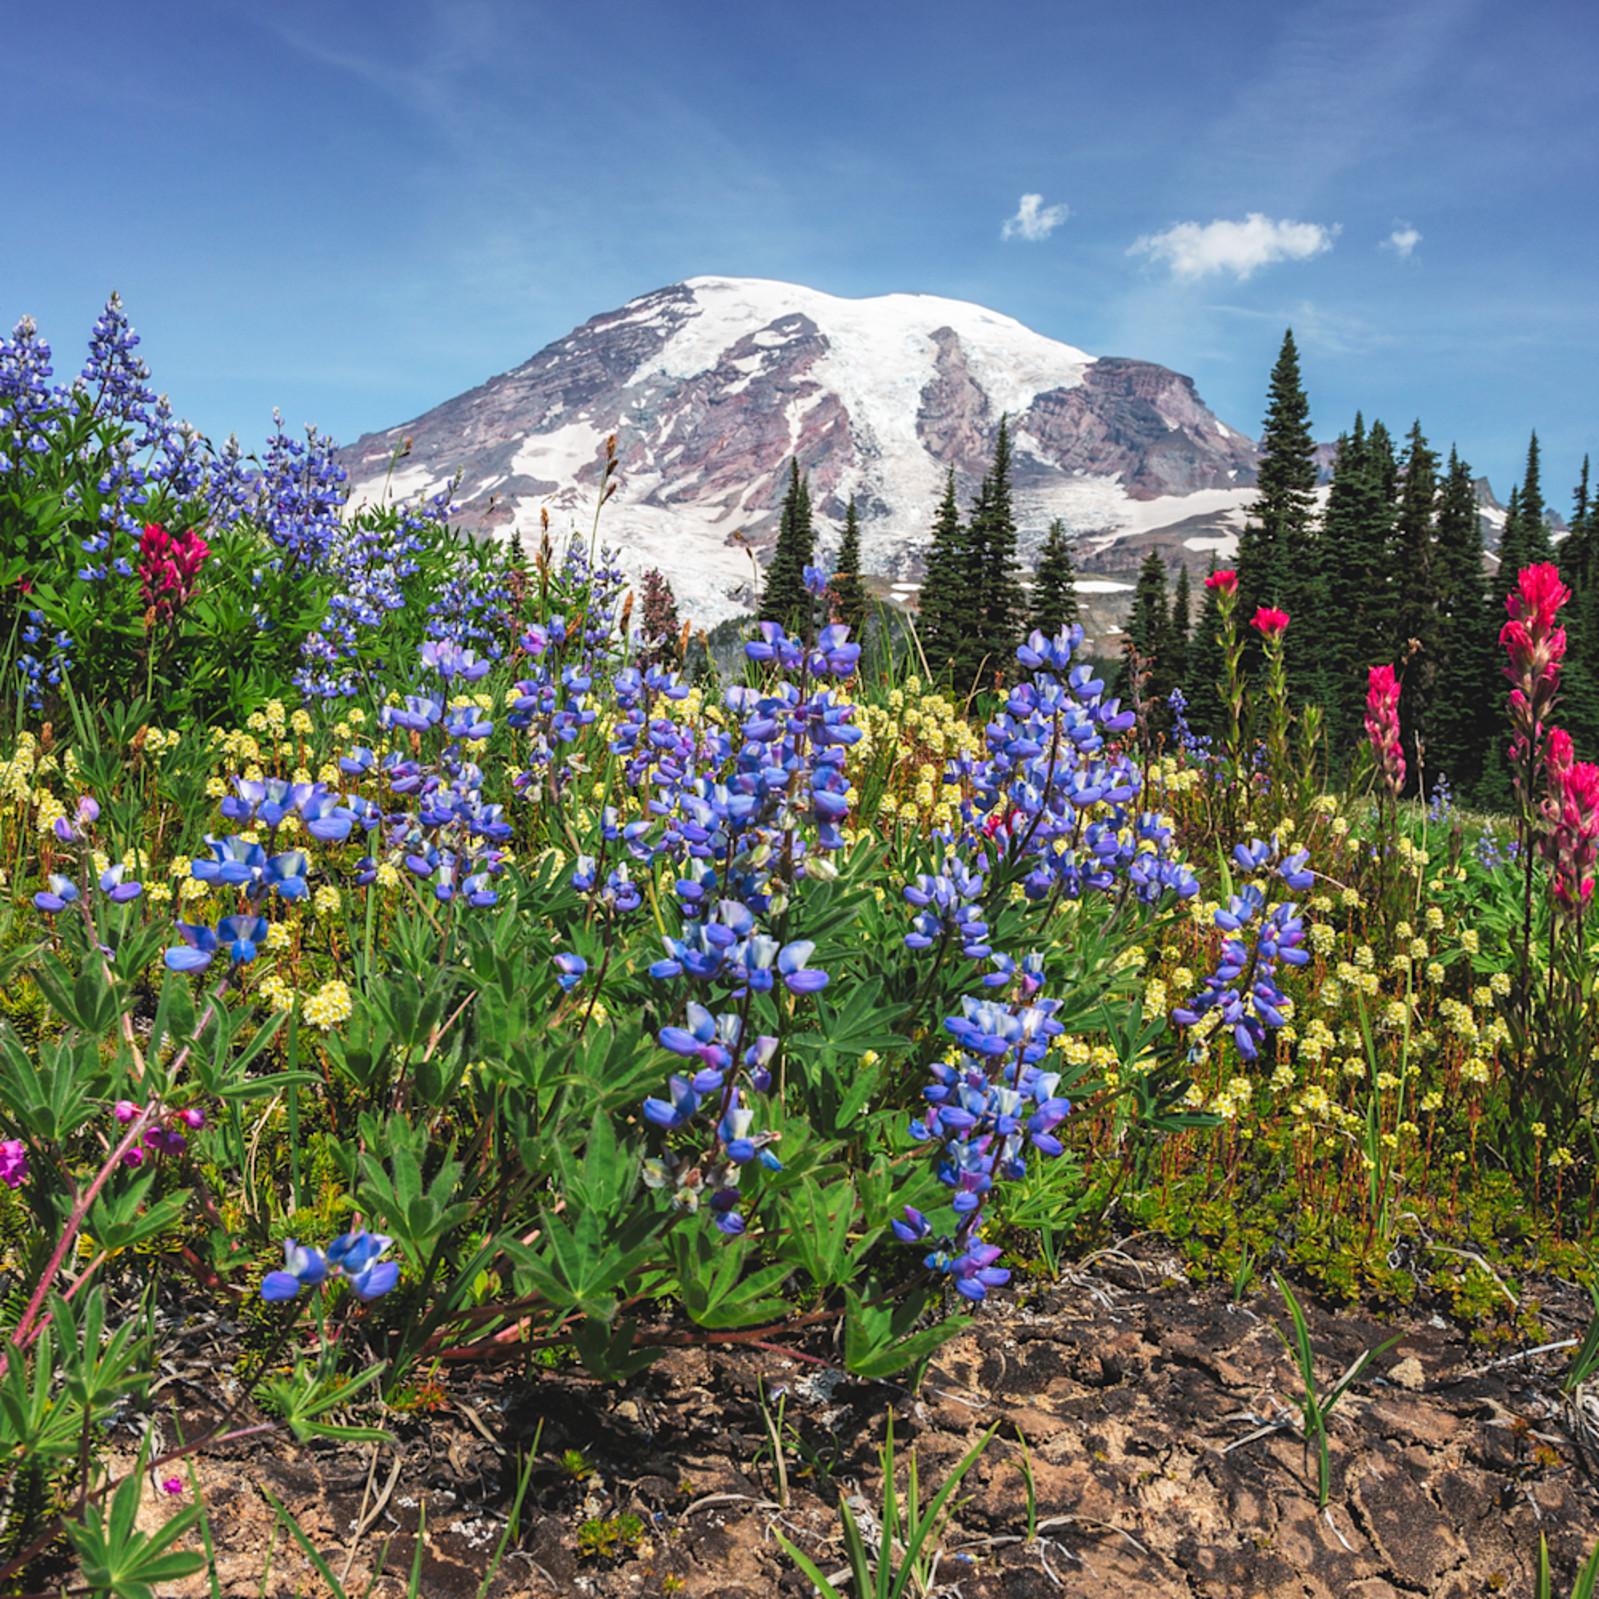 Mt rainier wildflowers alt t9xwkj